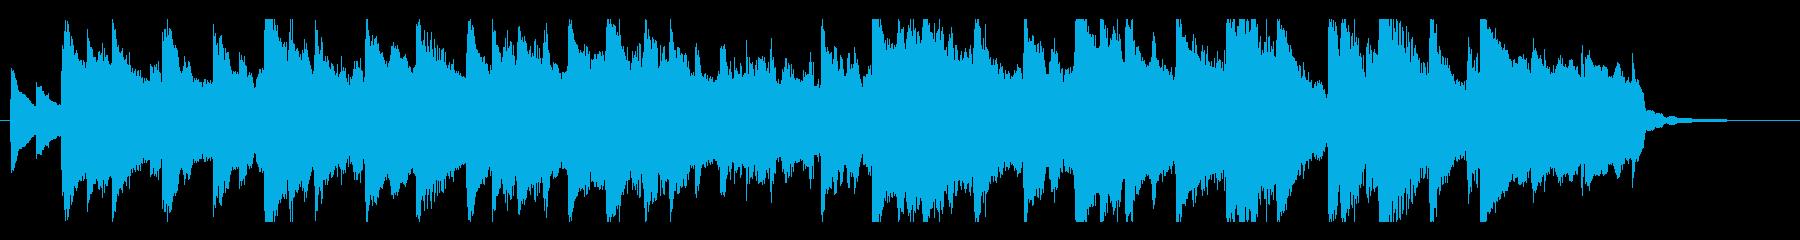 和風モダンなジングル・キラキラ・POPの再生済みの波形